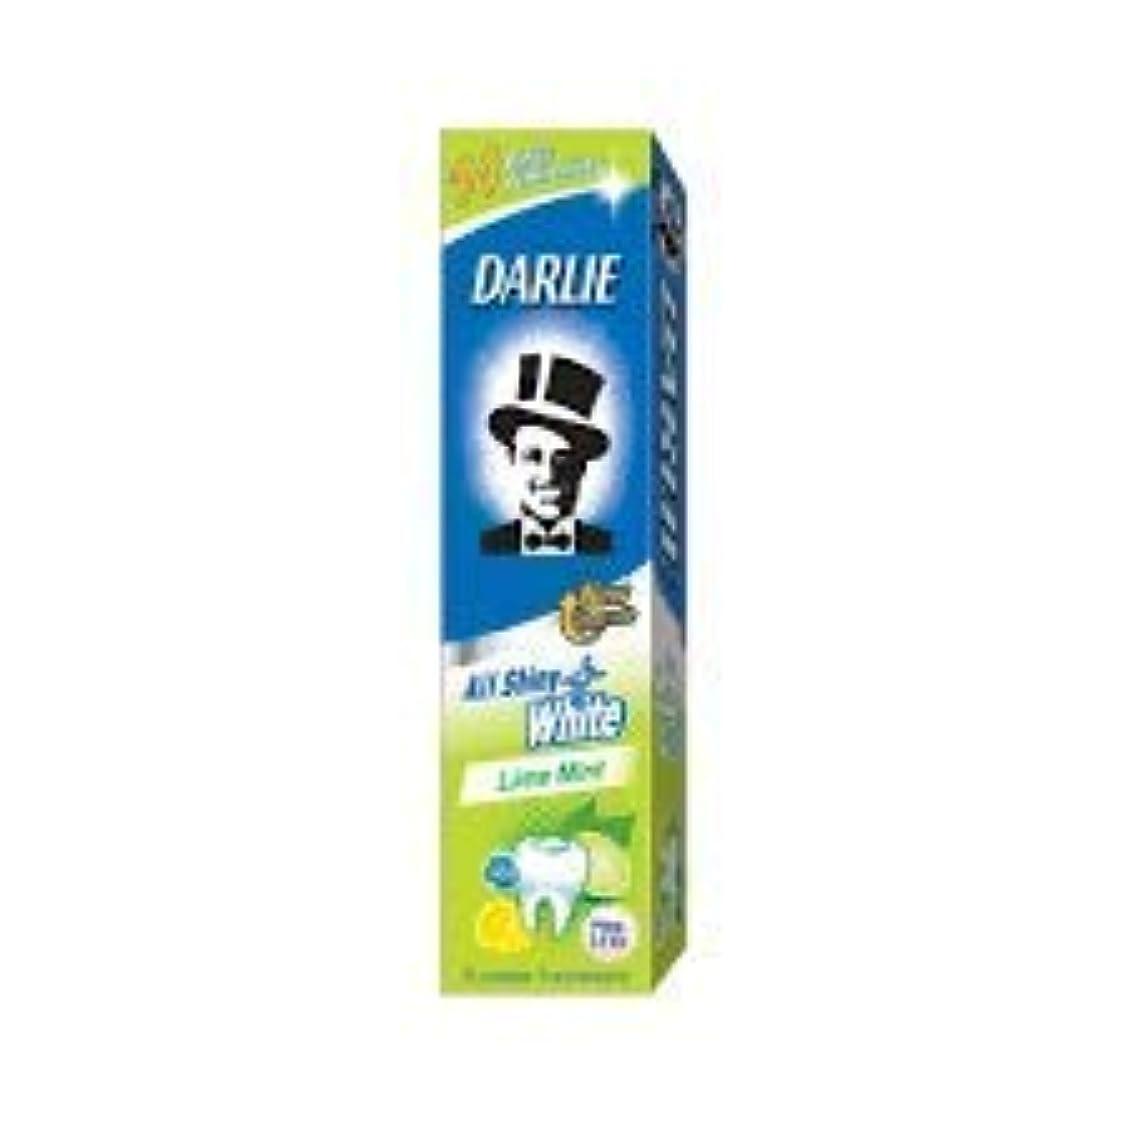 訪問軍隊異なるDARLIE 歯磨き粉すべての光沢のあるホワイトライムミント140g - 虫歯と戦い、歯を保護するフッ化物を含みます